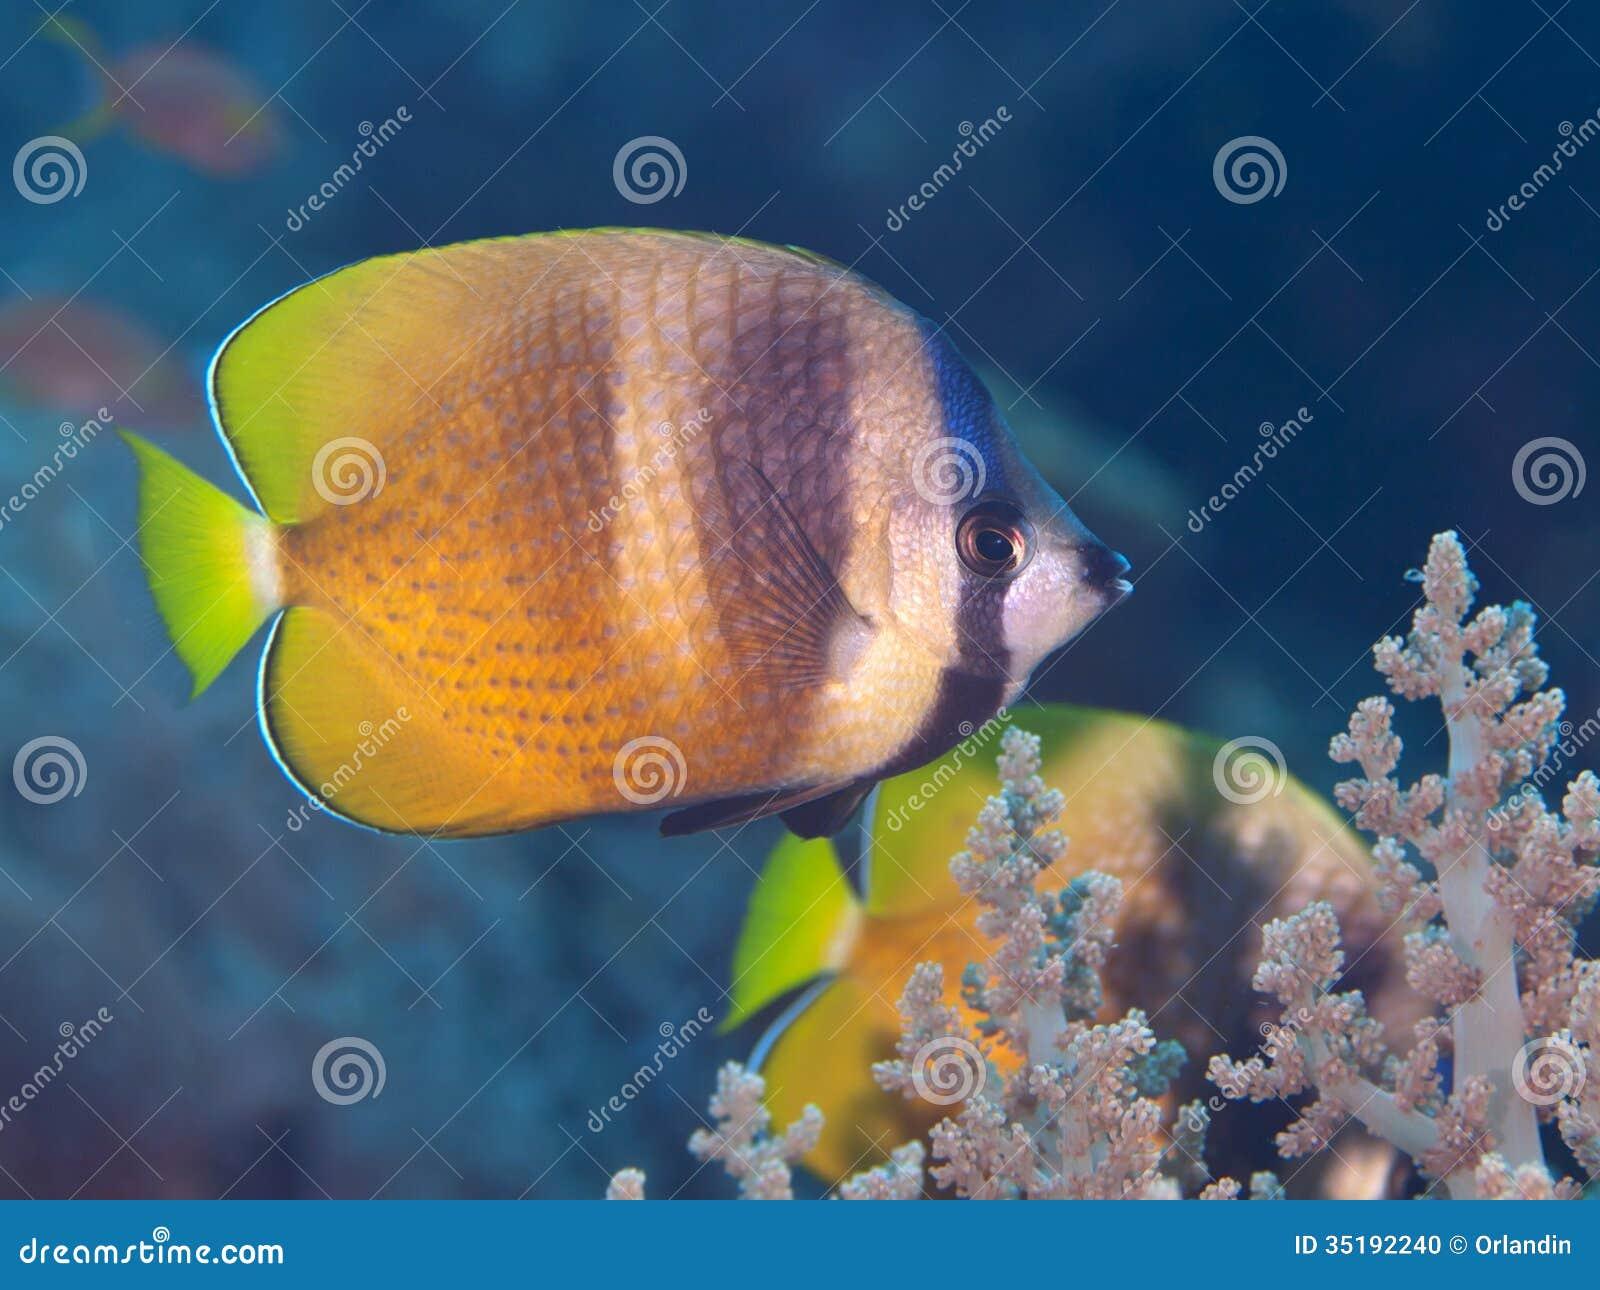 Zonnestraal butterflyfish